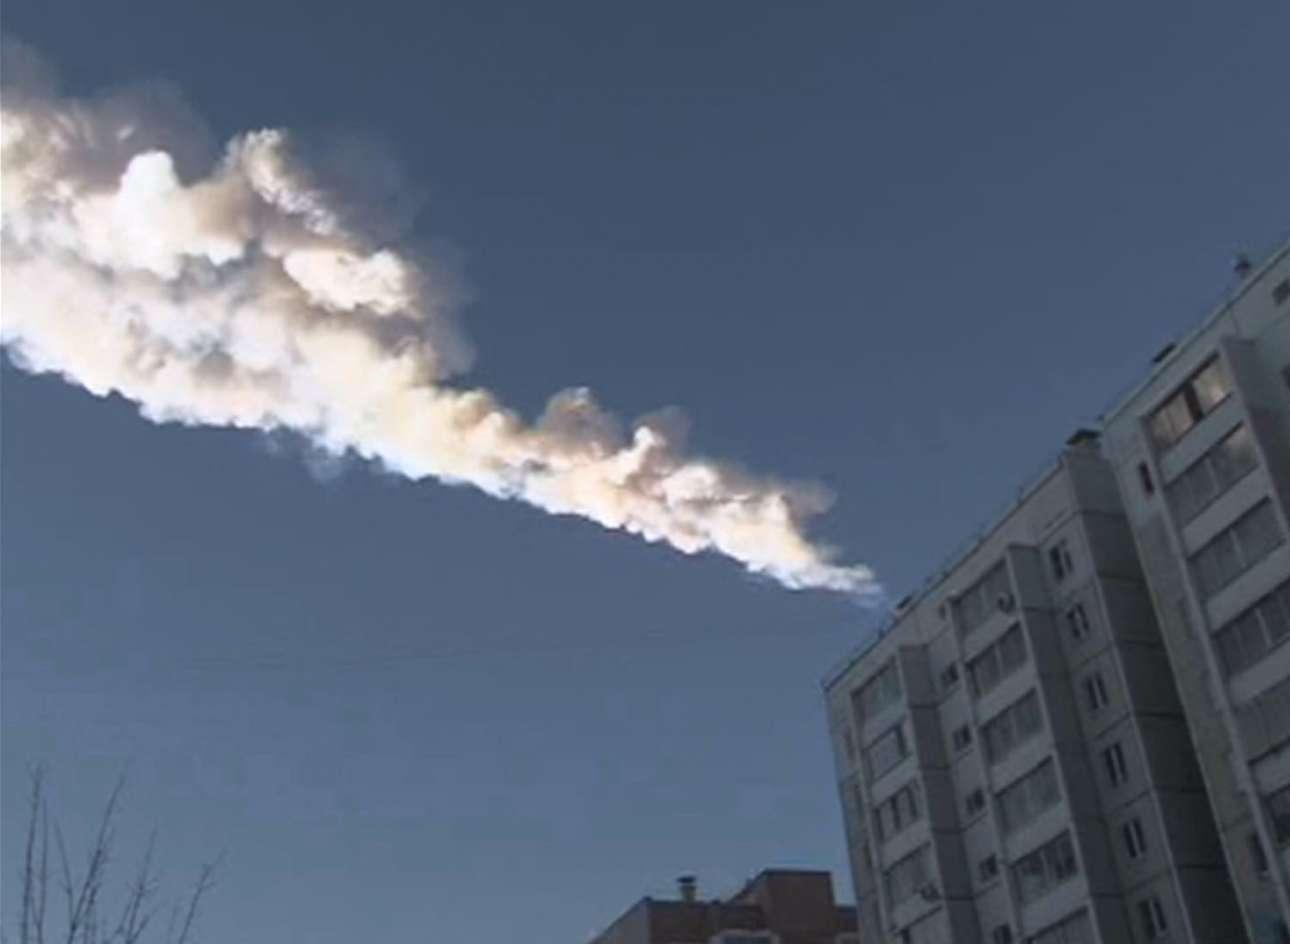 Στην πόλη Ούρα της Ρωσίας ο φωτογραφικός φακός απαθανάτισε ένα αντικείμενο να πέφτει από τον ουρανό. Λίγα δευτερόλεπτα μετά ακούστηκε μία δυνατή έκρηξη και από το ωστικό κύμα τραυματίστηκαν άνθρωποι και έσπασαν τζάμια από πολυκατοικίες